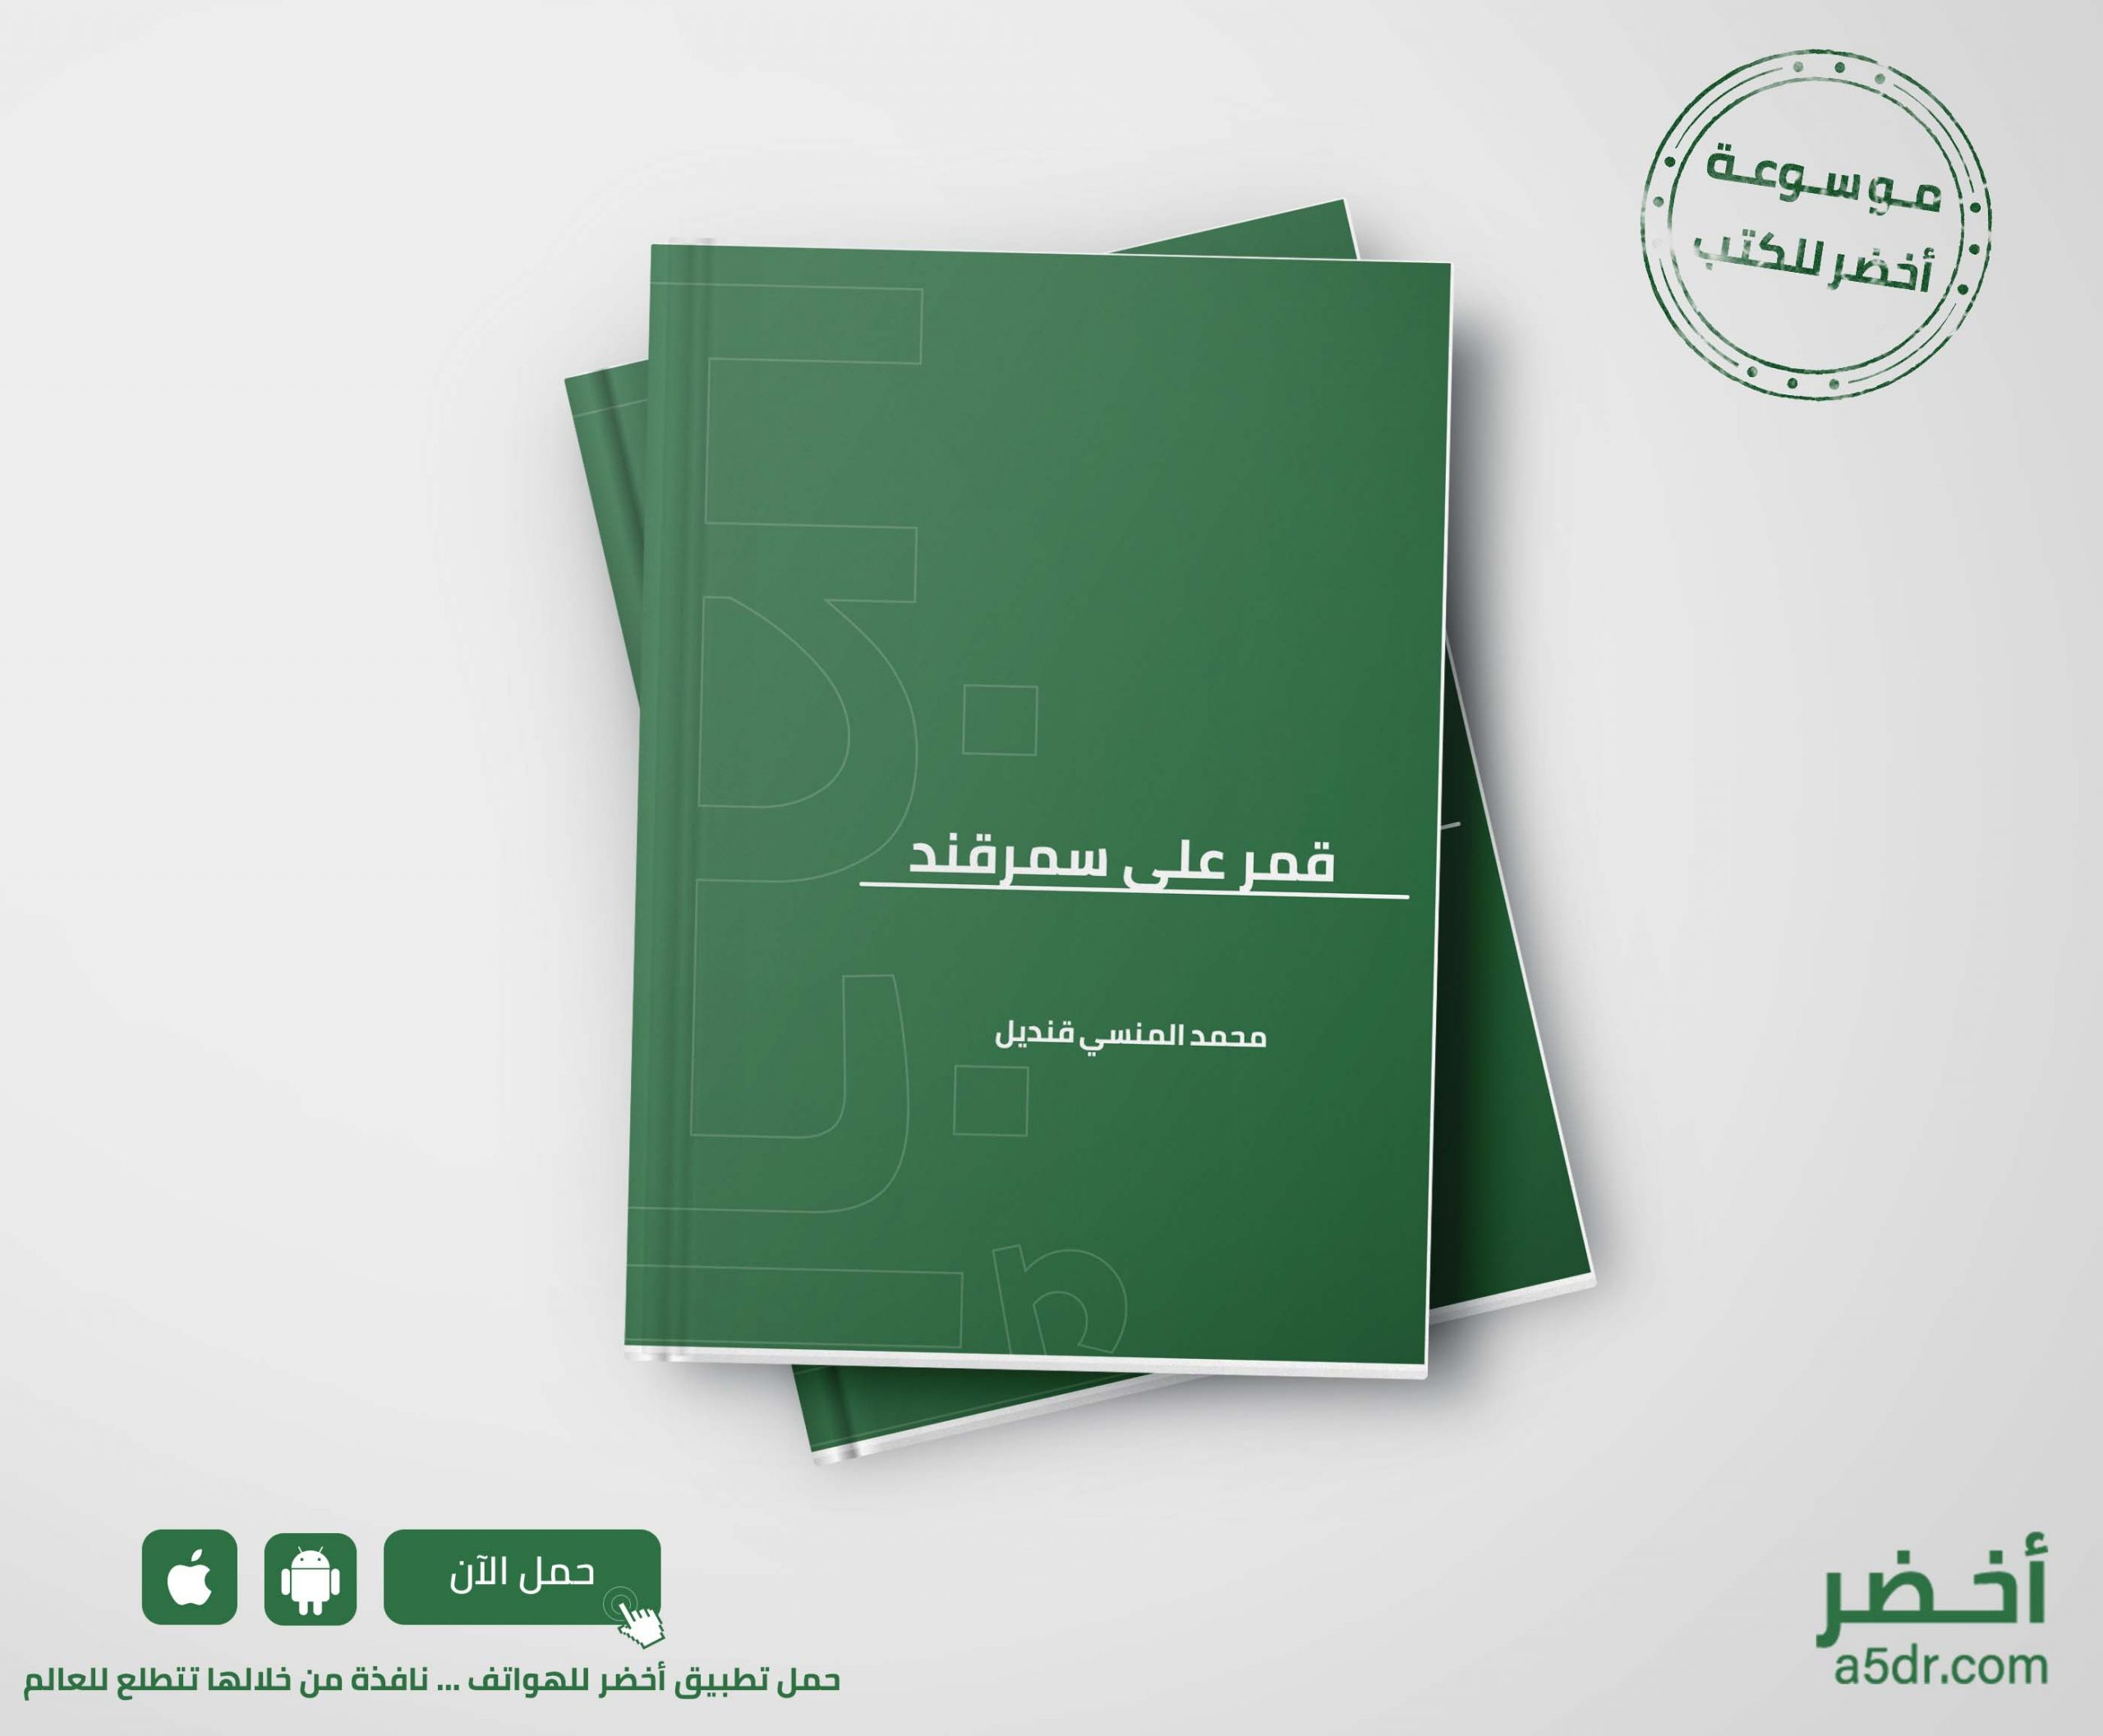 رواية قمر على سمرقند - محمد المنسي قنديل